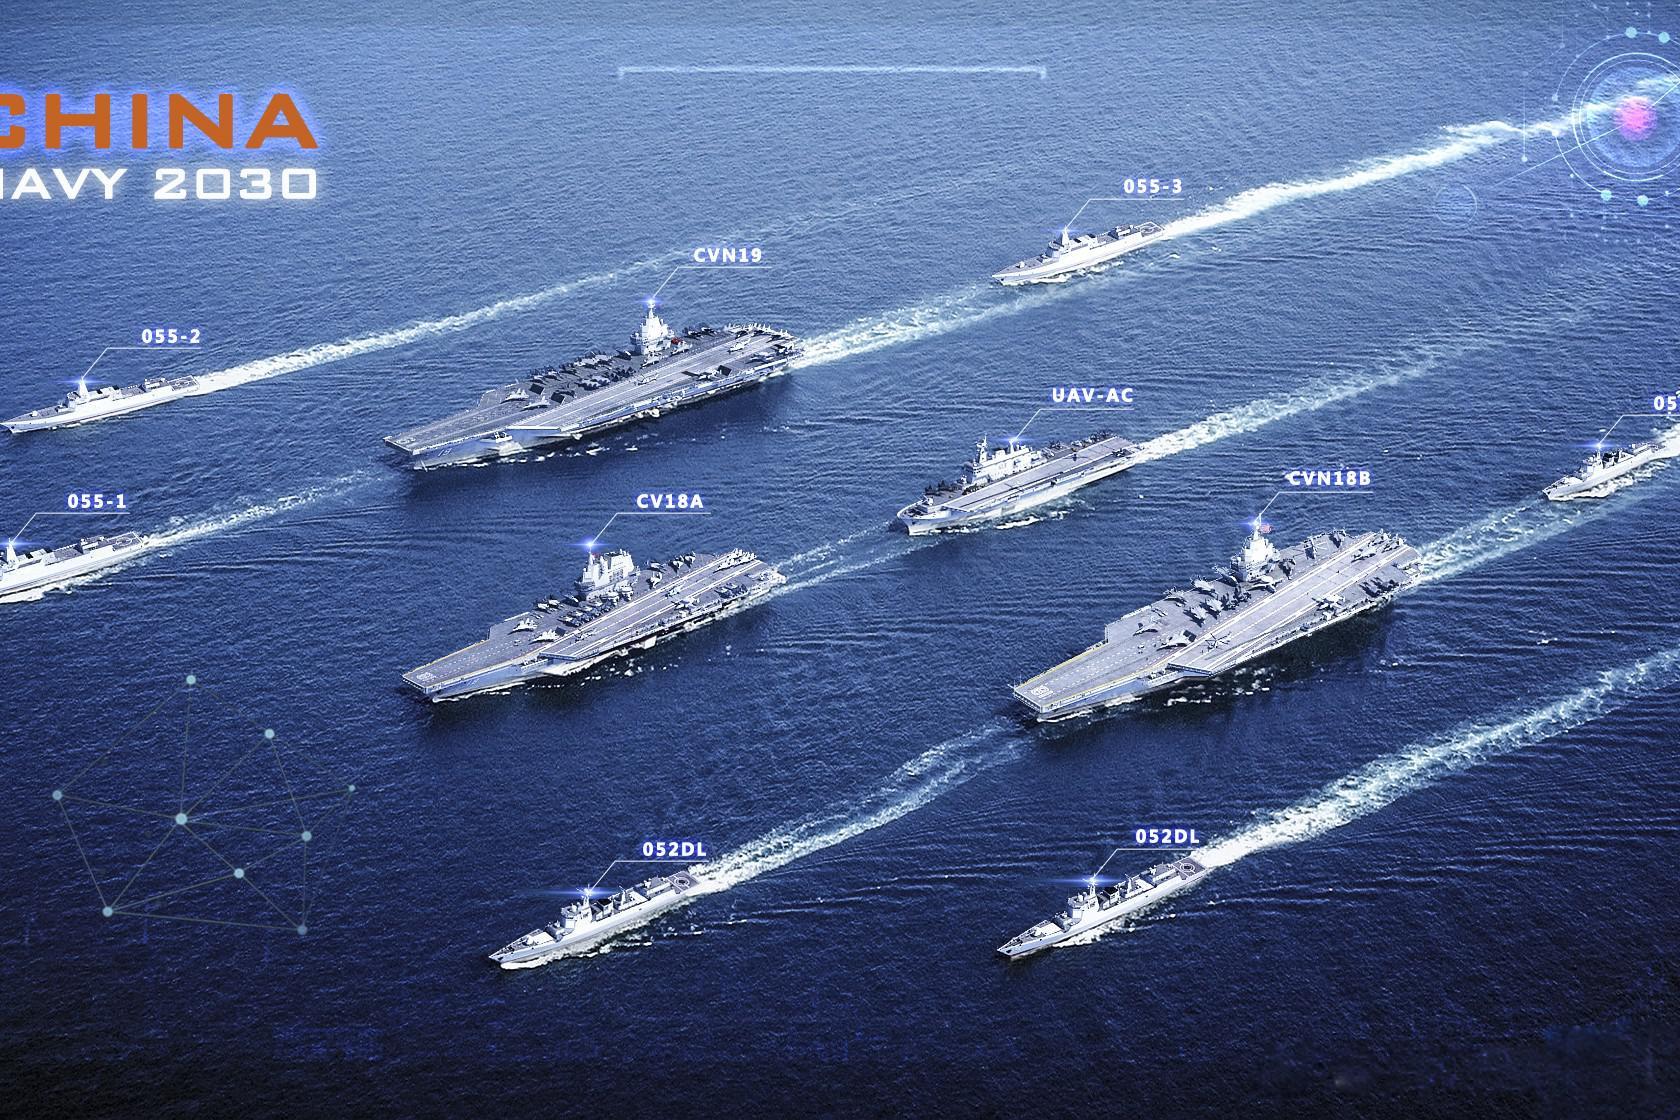 3艘部署、1艘战备、2艘维护,中国海军未来或需要6艘航母才够用!